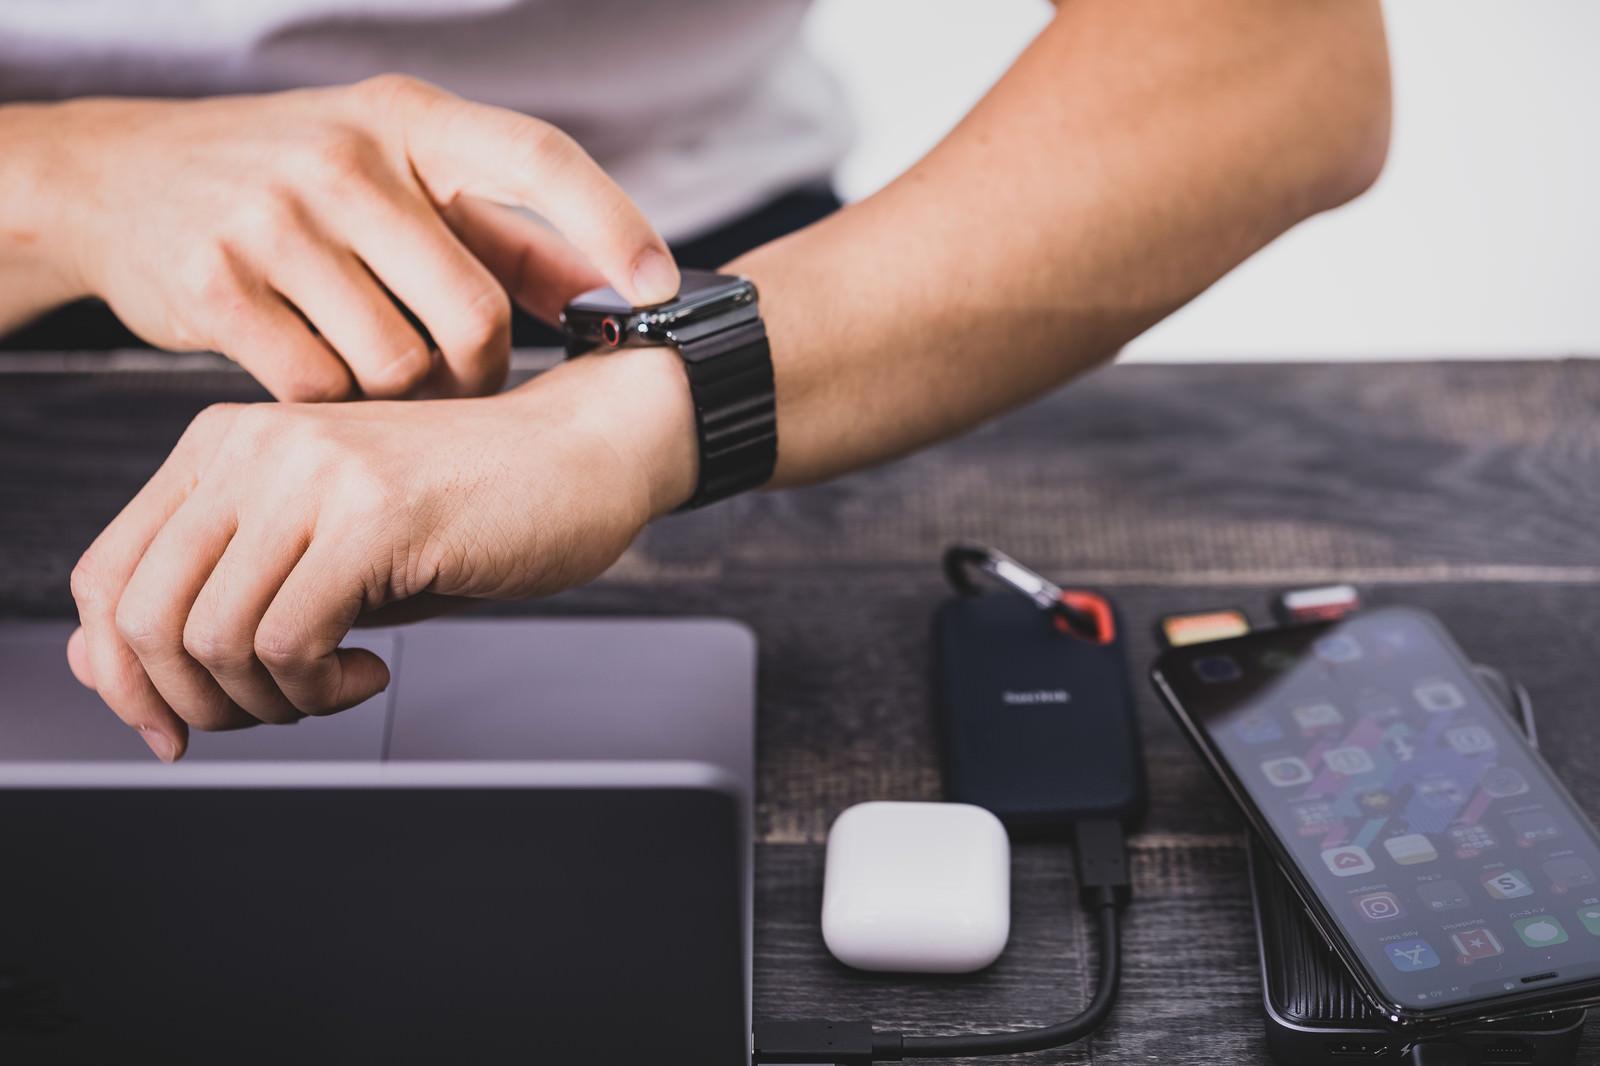 「Apple Watch で1日のアクティビティを確認する」の写真